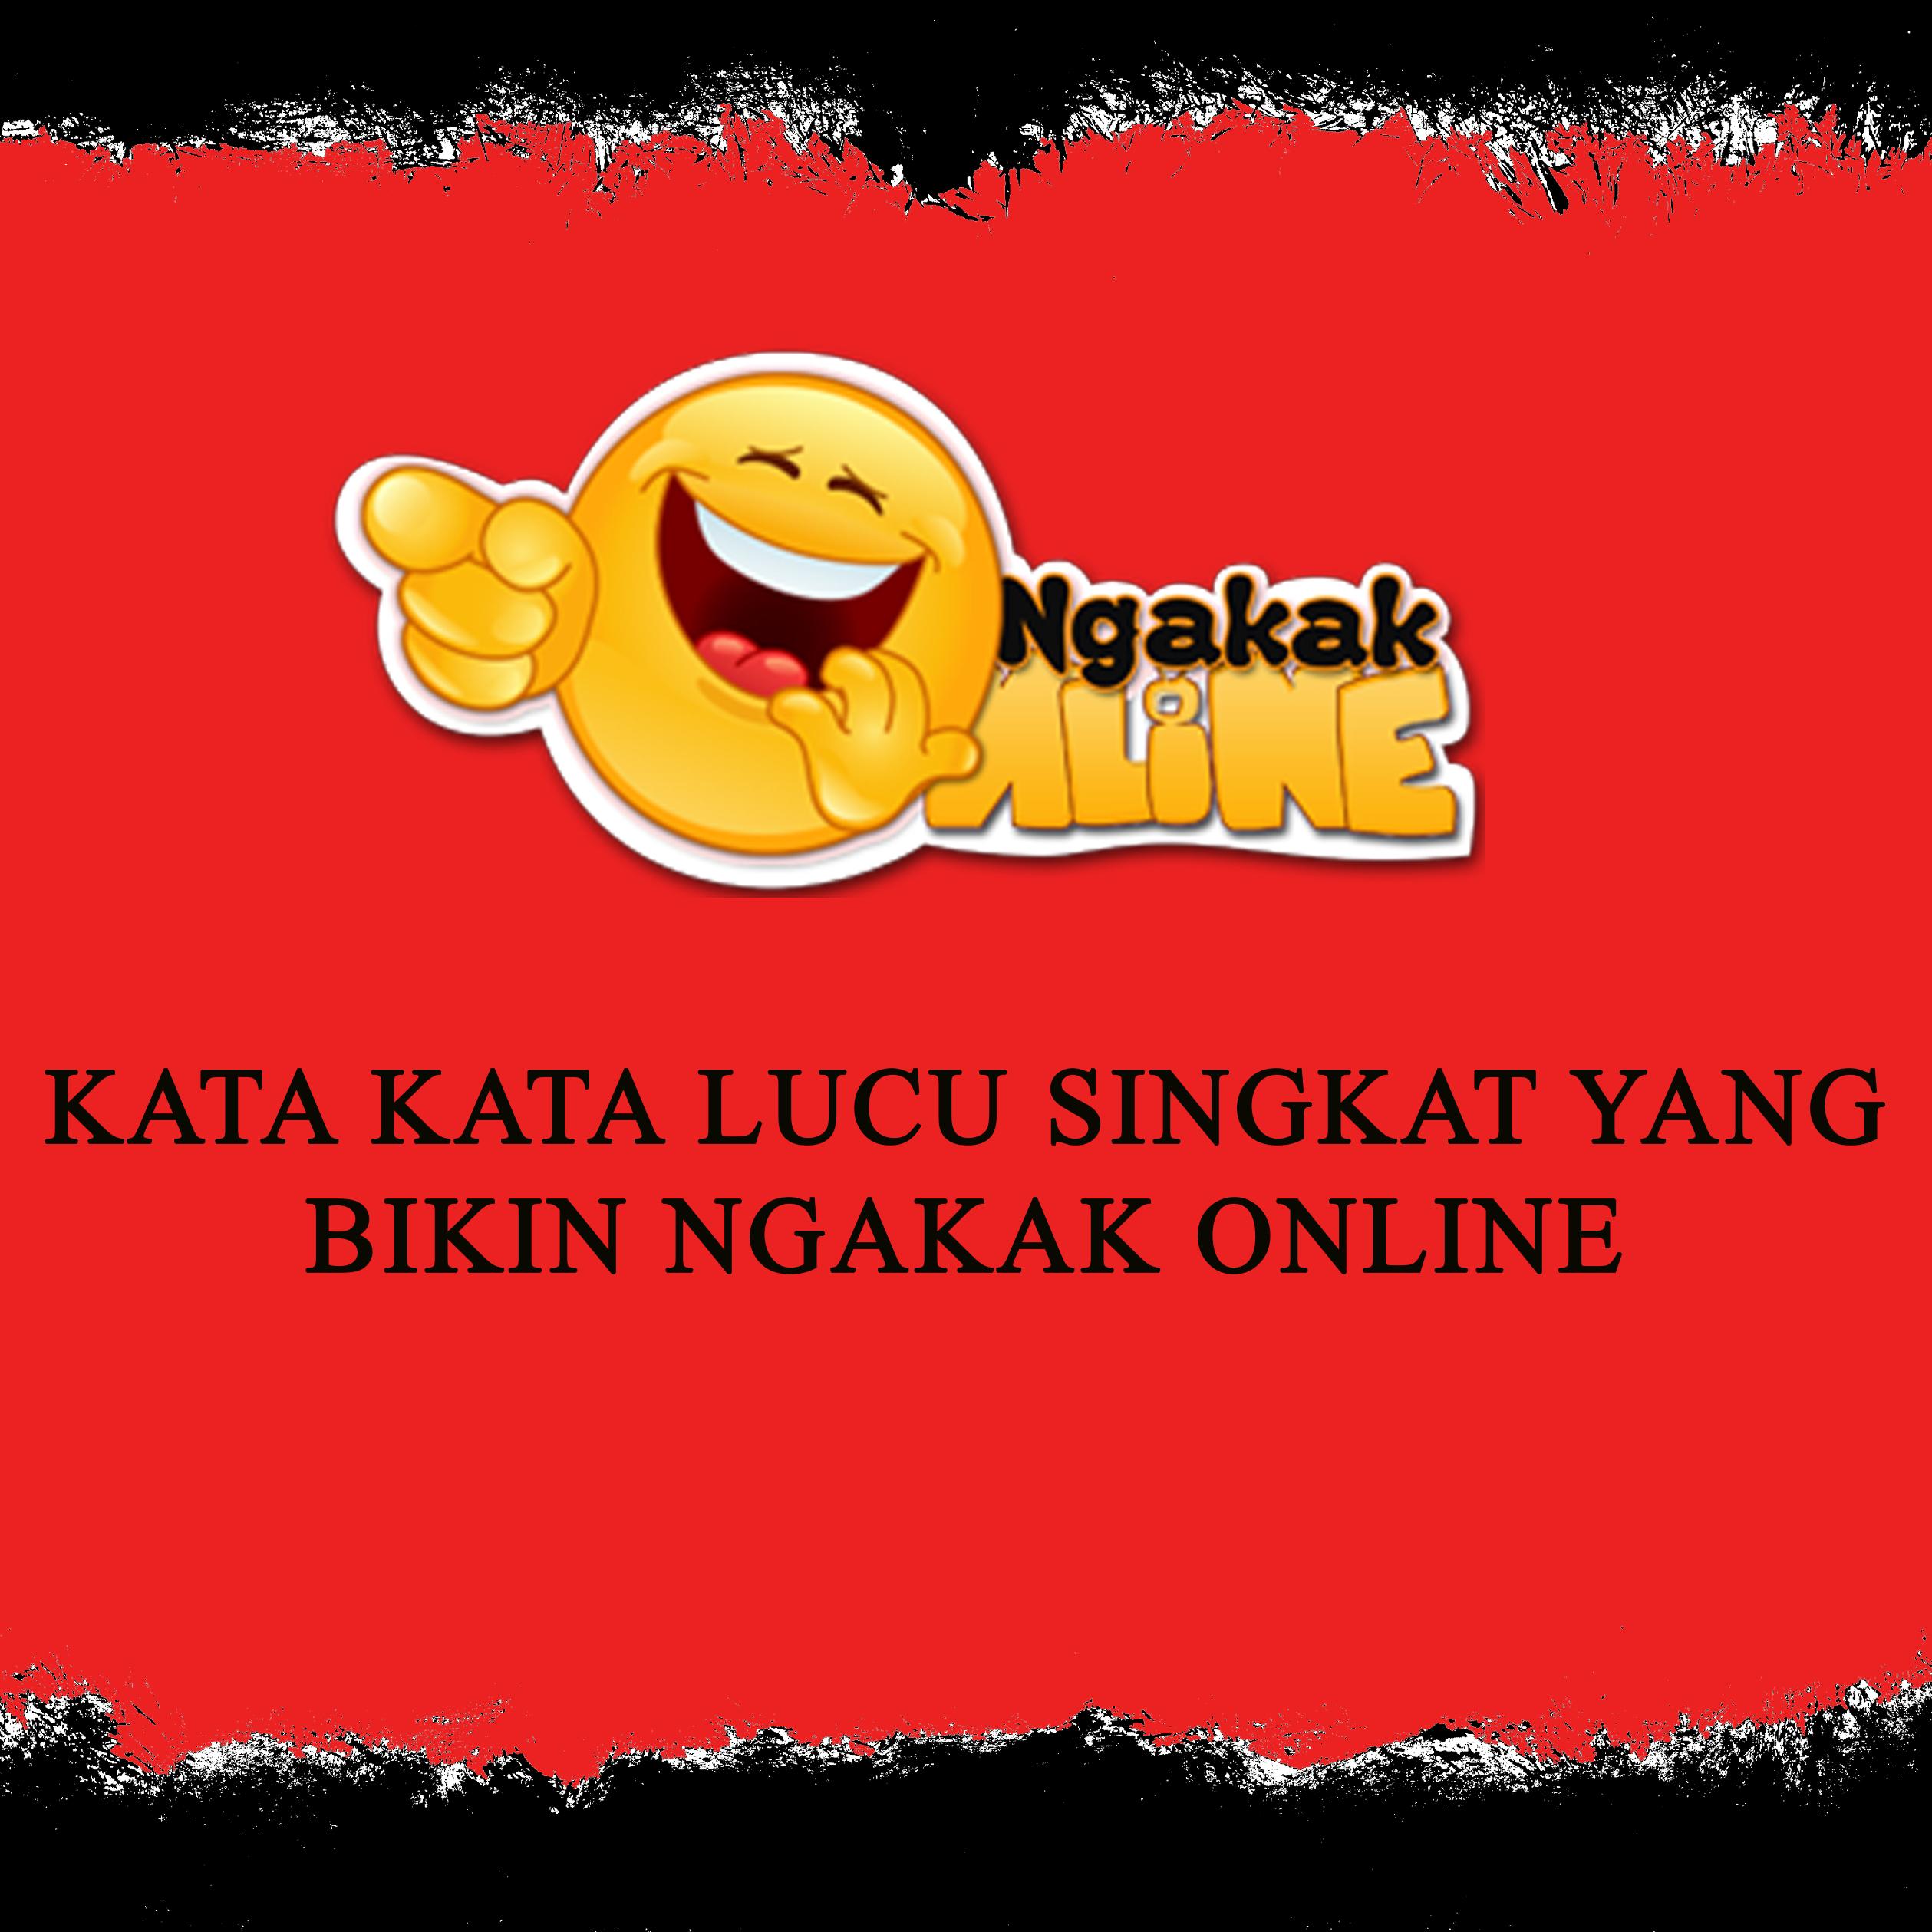 Kata Kata Lucu Singkat Yang Bikin Ngakak Online Ngakak Online